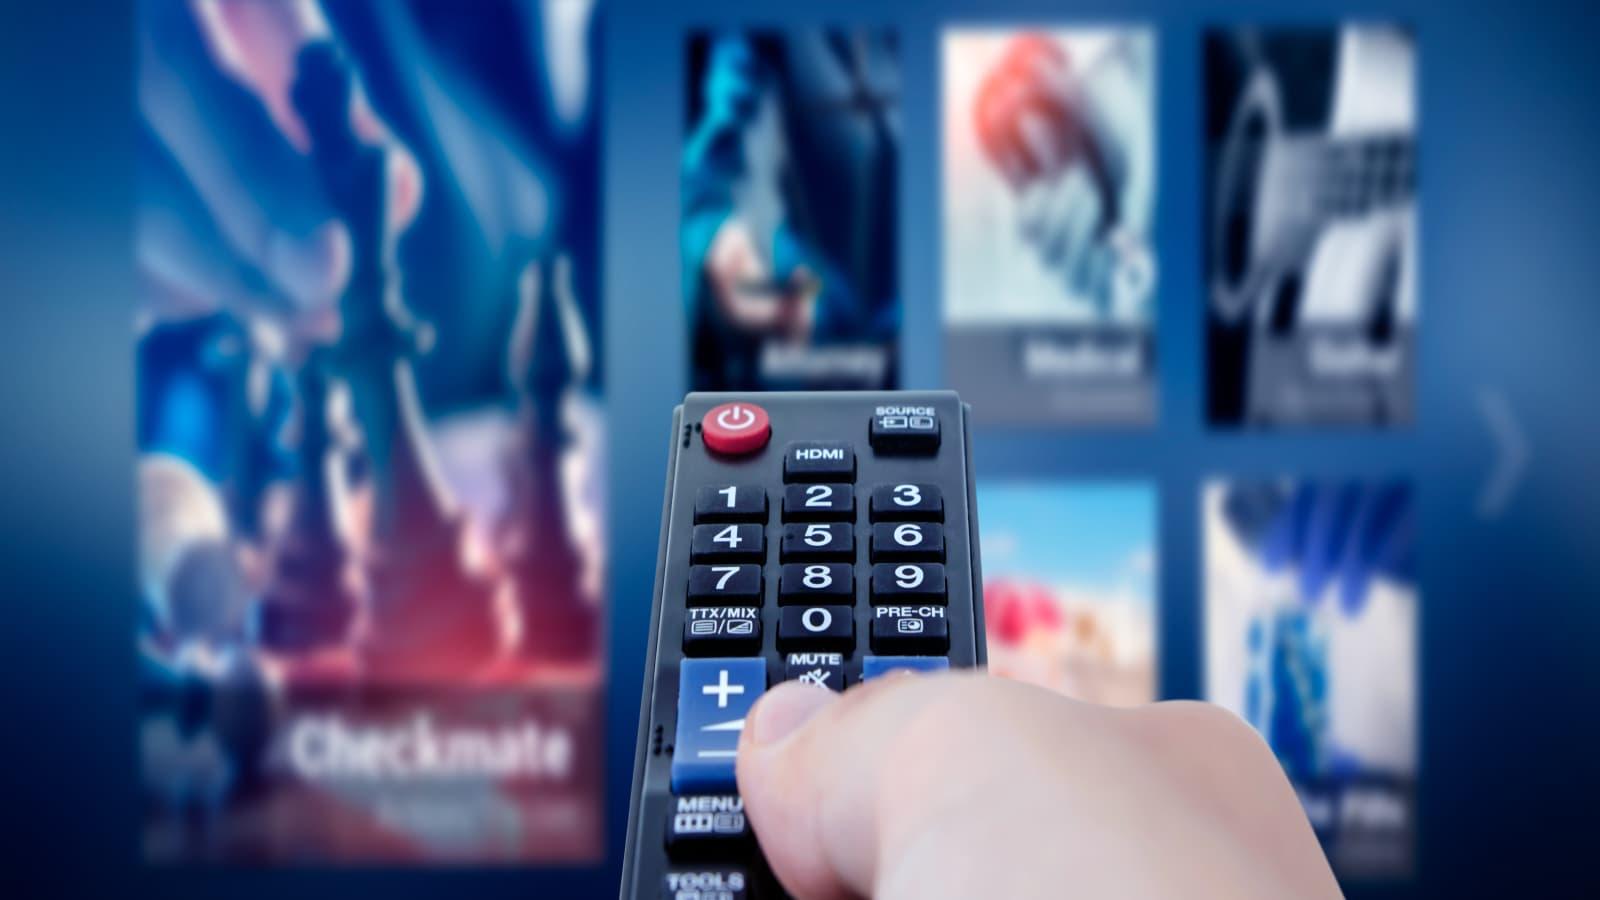 Les meilleurs films récents vous attendent en VOD chez SFR